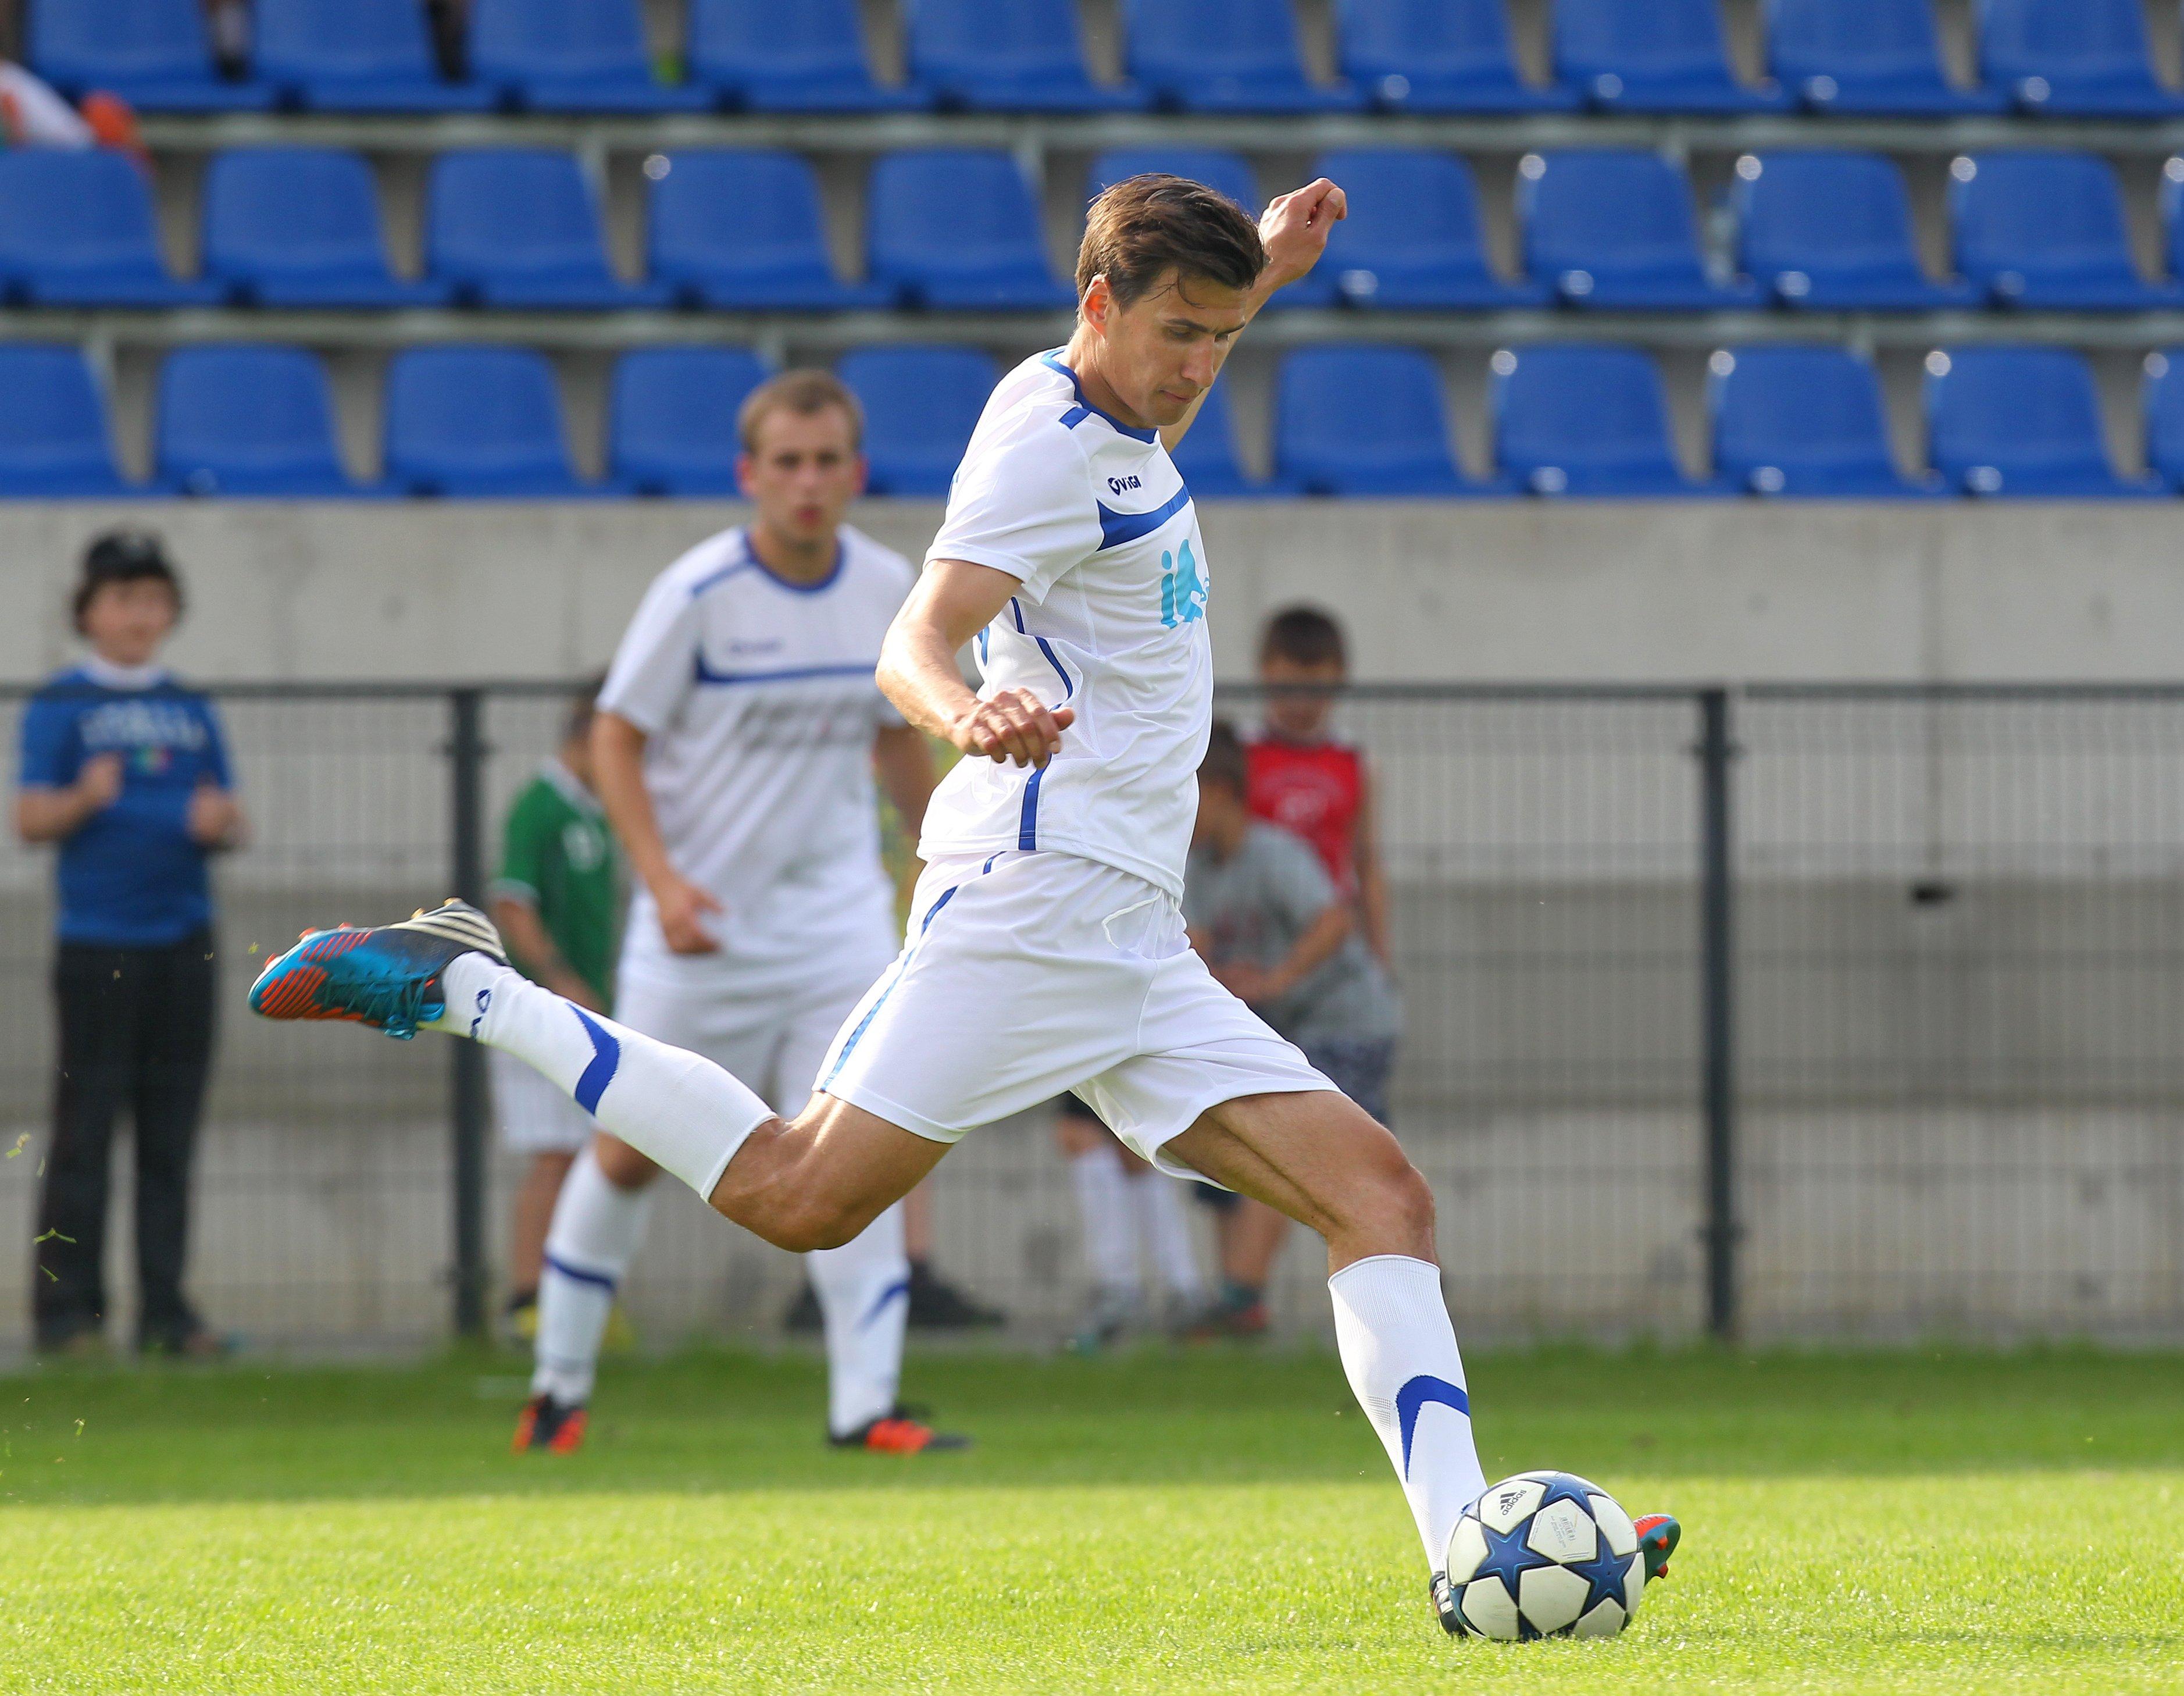 Jarosław Bieniuk Zostań gwiazdą futbolu